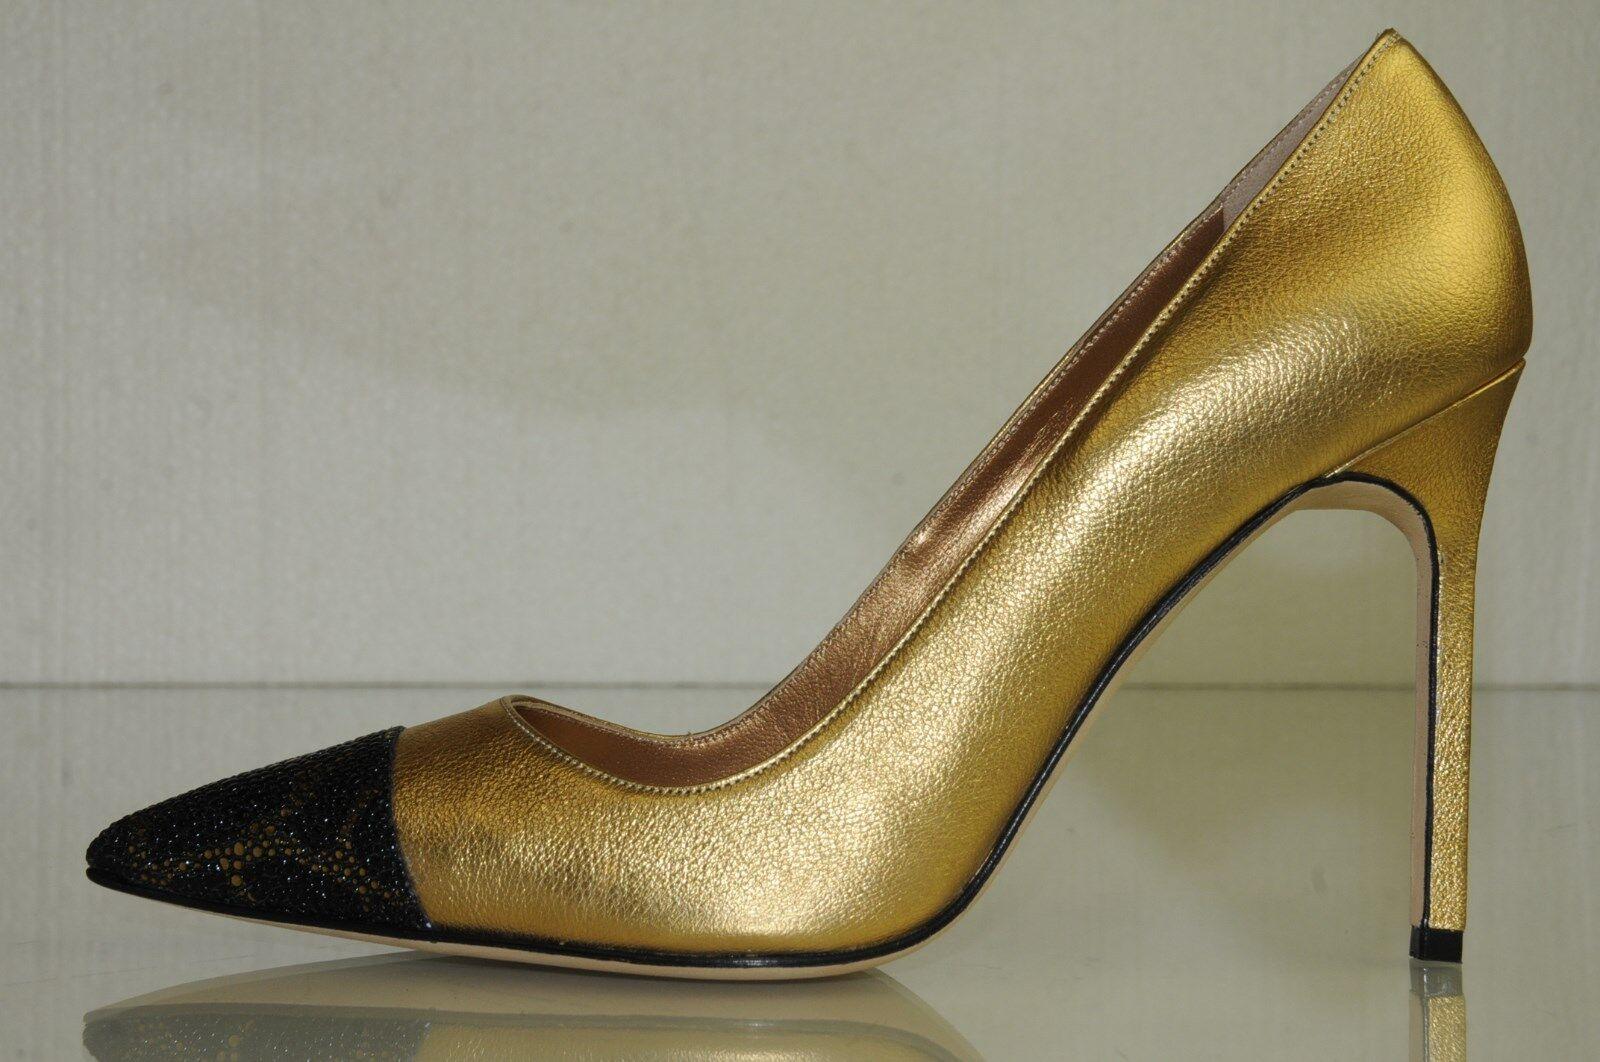 Neu Manolo Blahnik Bb Bipunta 105 Gold Schwarz Schwarz Schwarz Teufelsrochen Schuhe Pumps 35.5 45de41